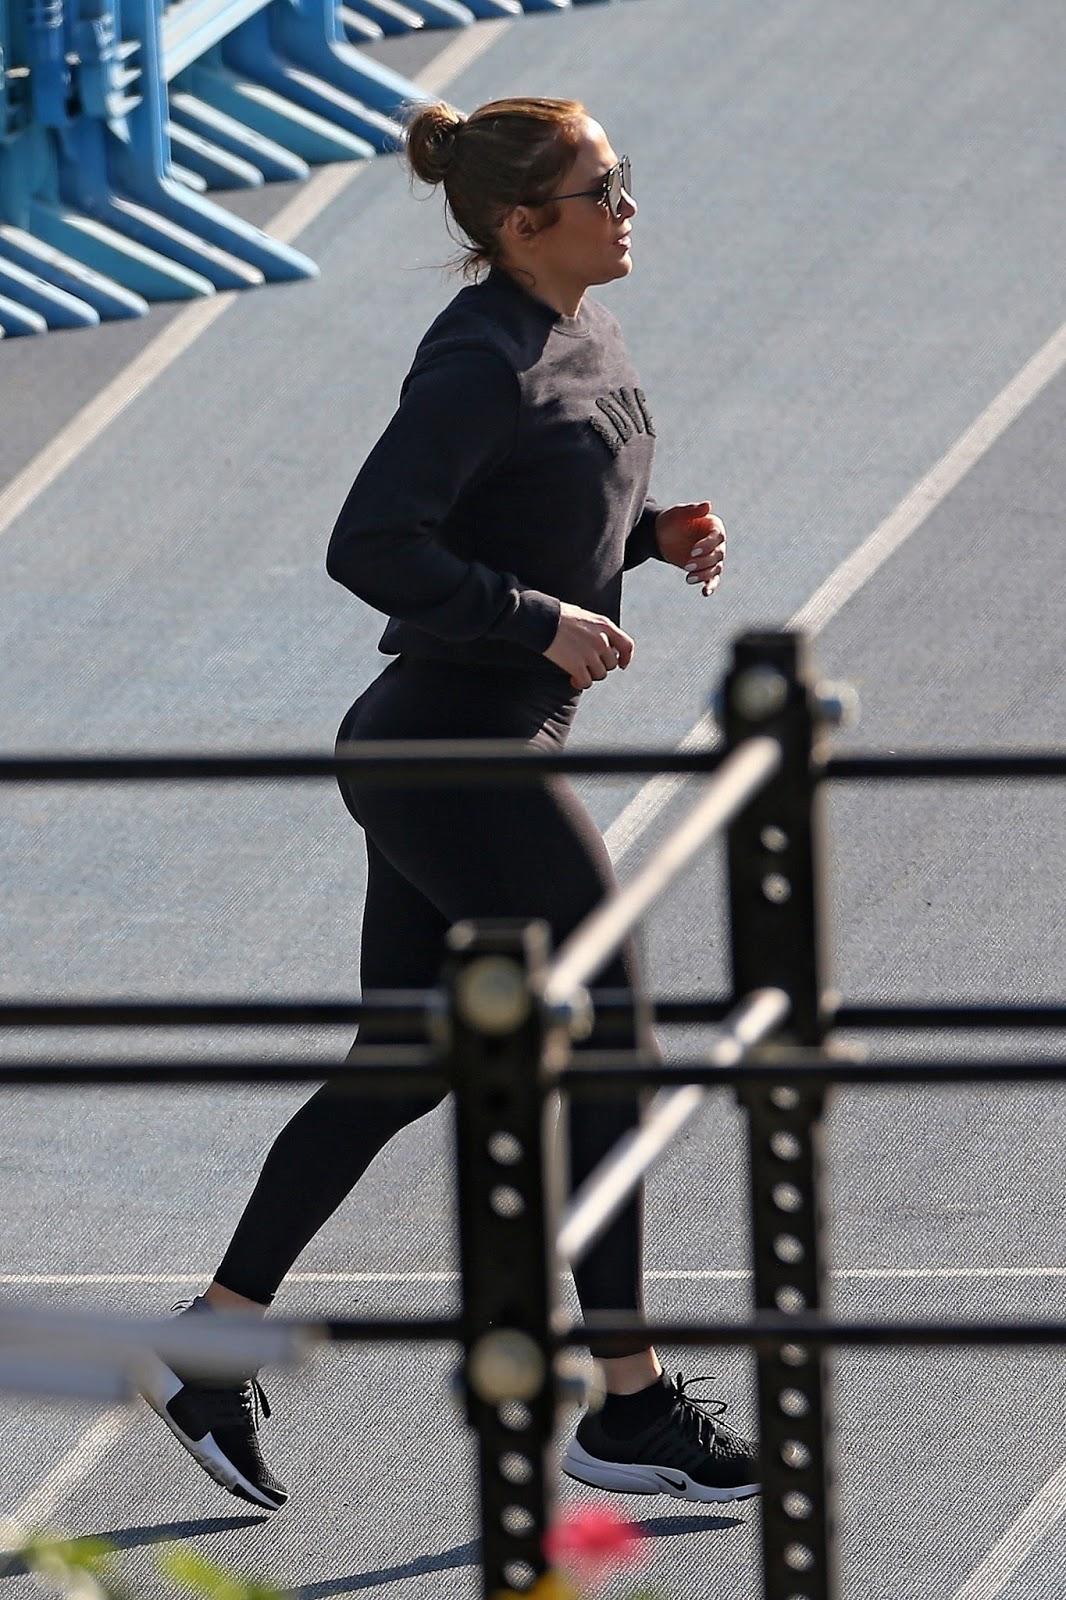 Jennifer Lopez Exercise Session